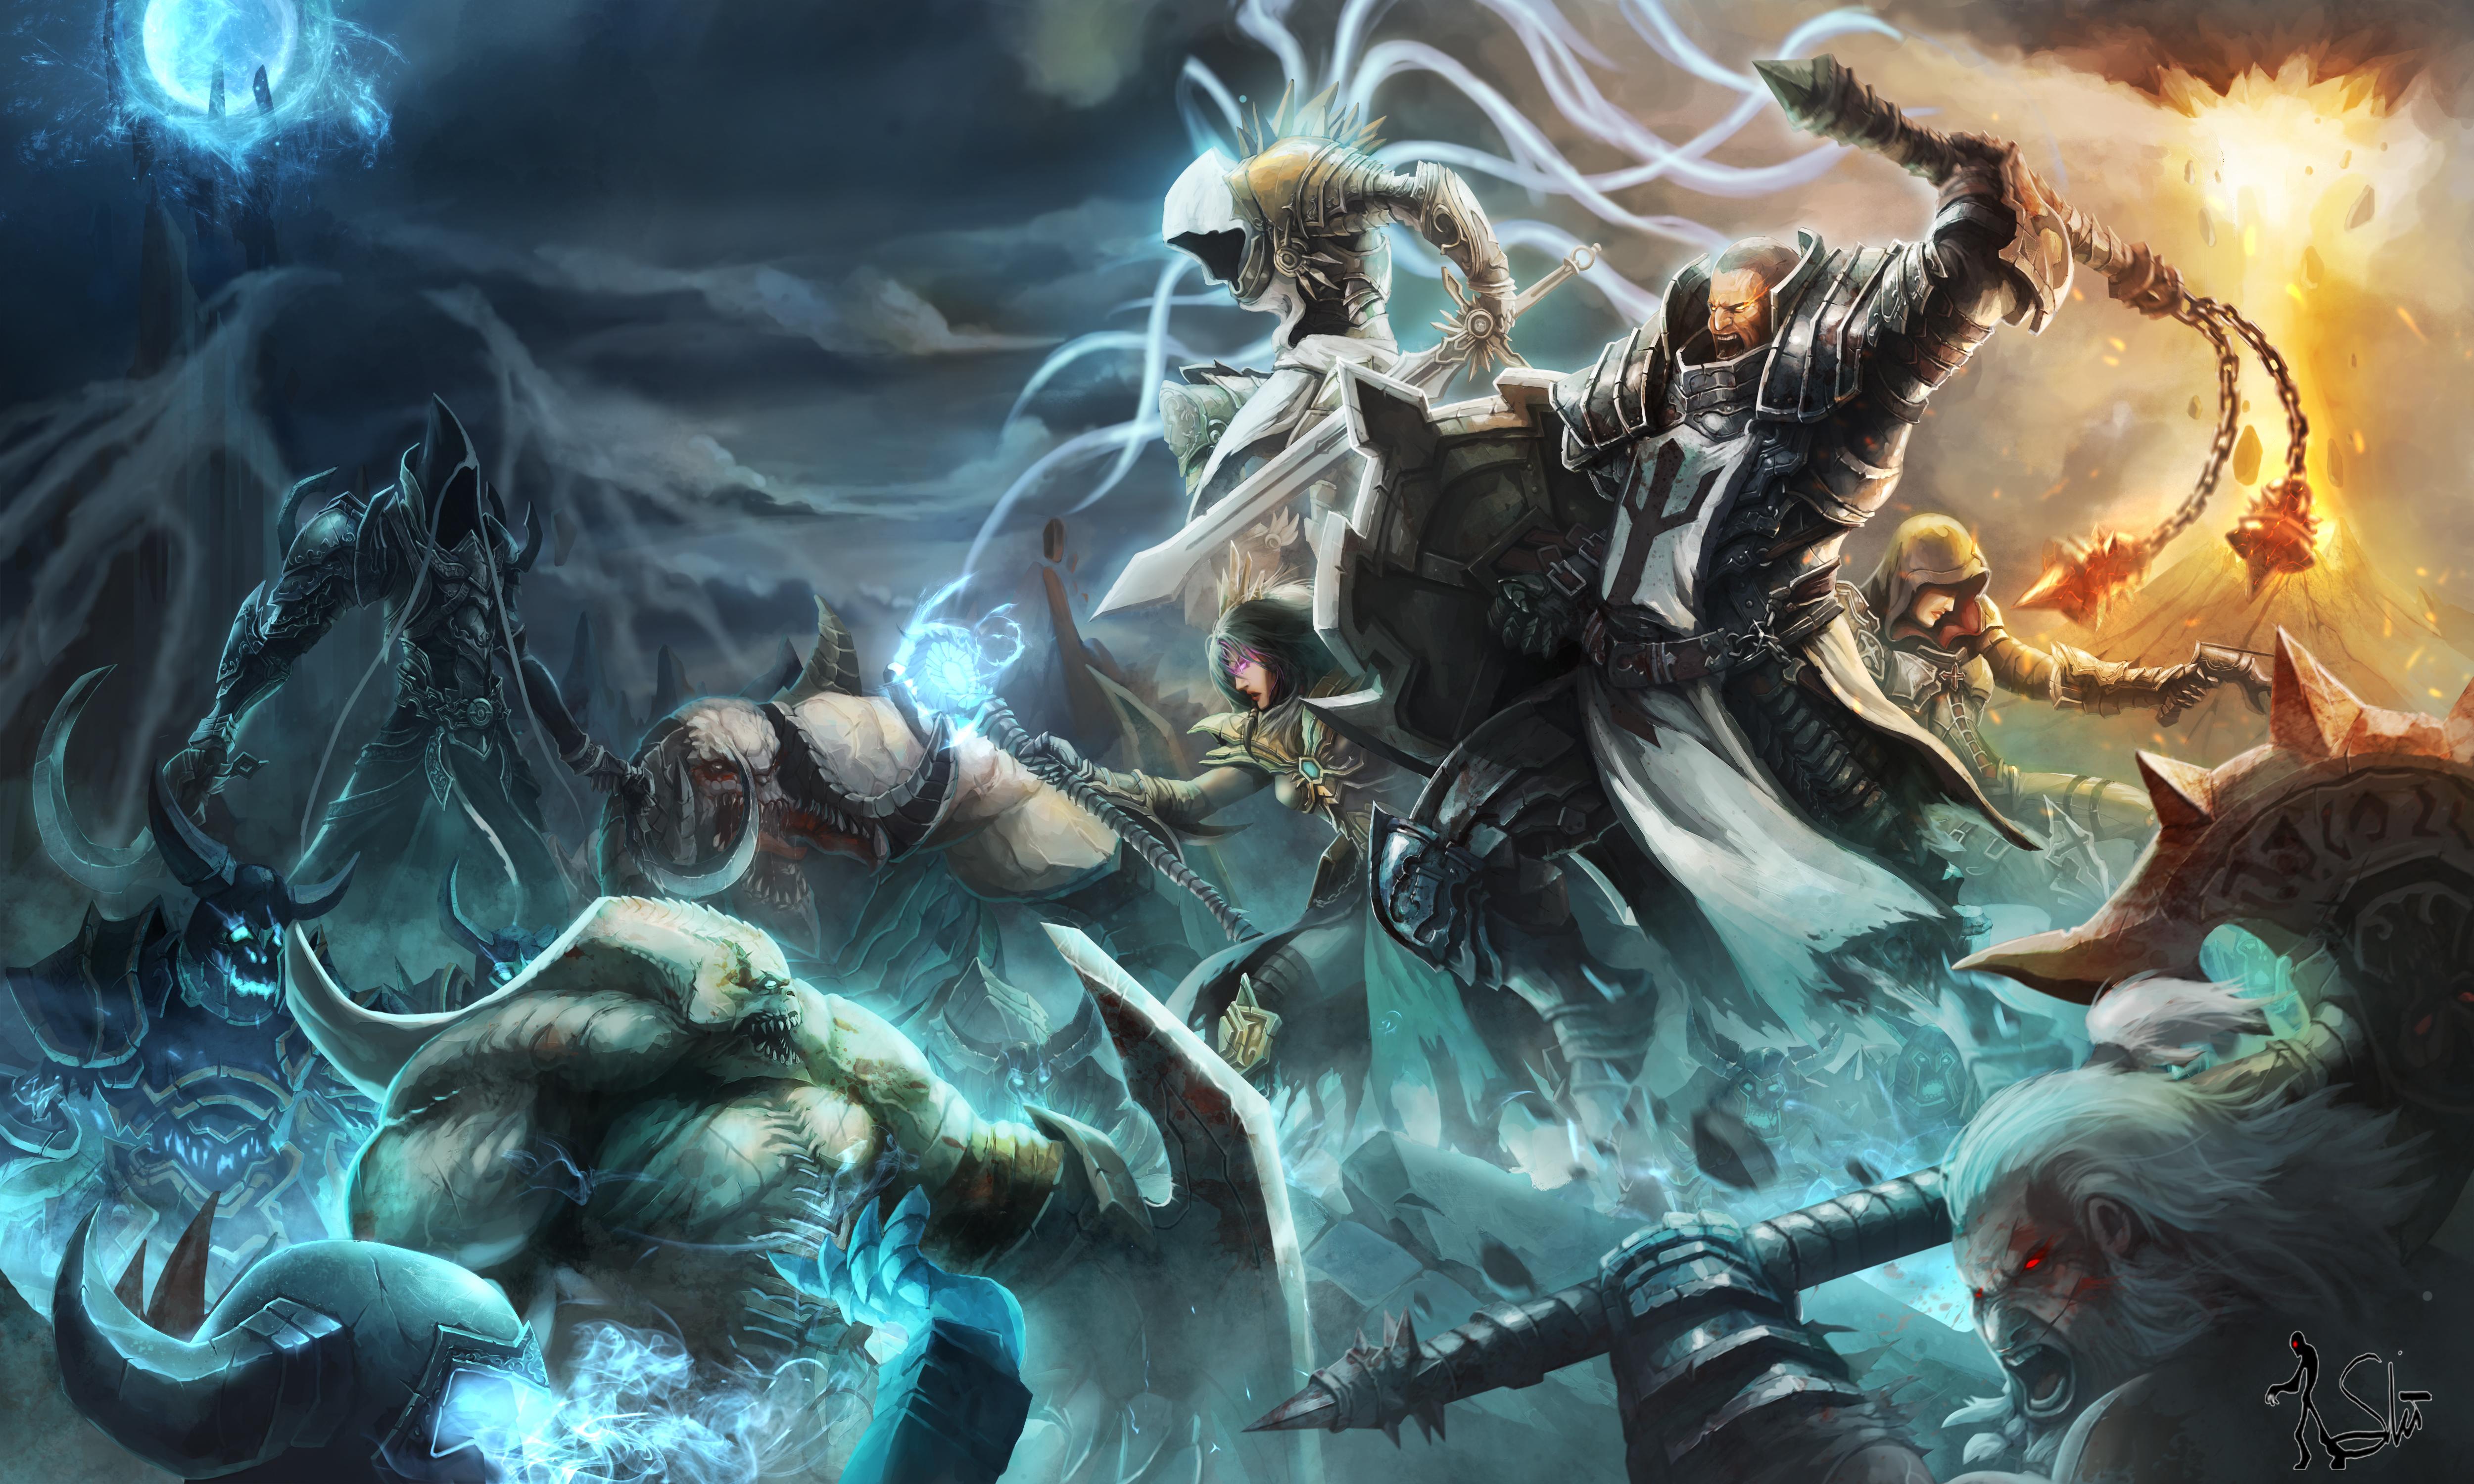 diablo 3 reaper of souls wallpaper full hd